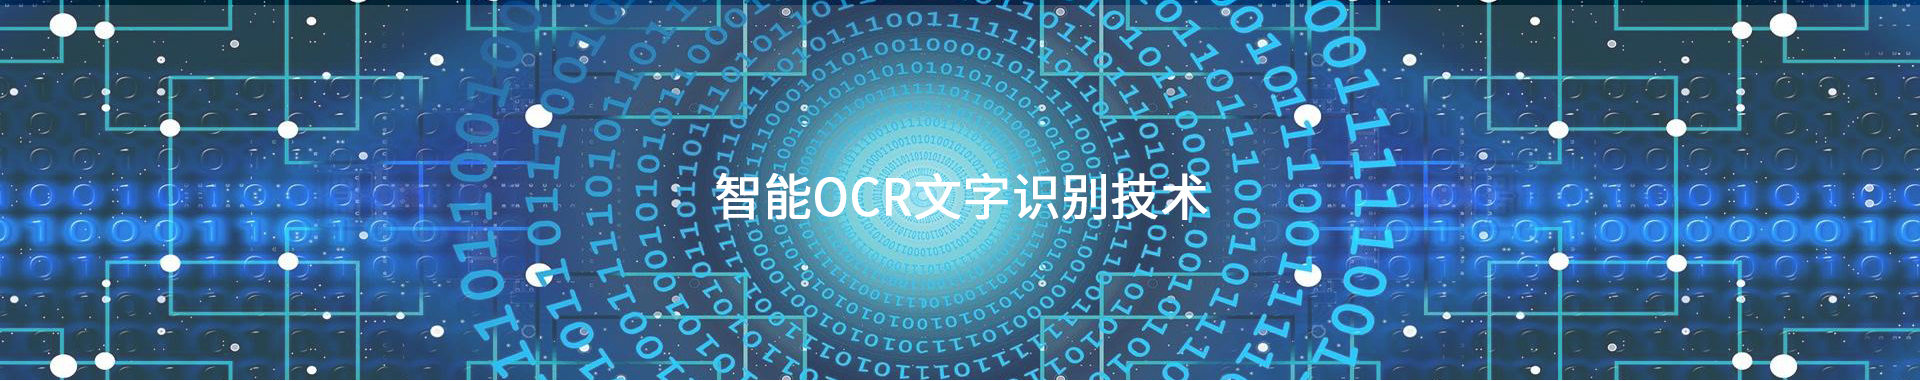 核心技术—智能OCR文字识别技术nbanner